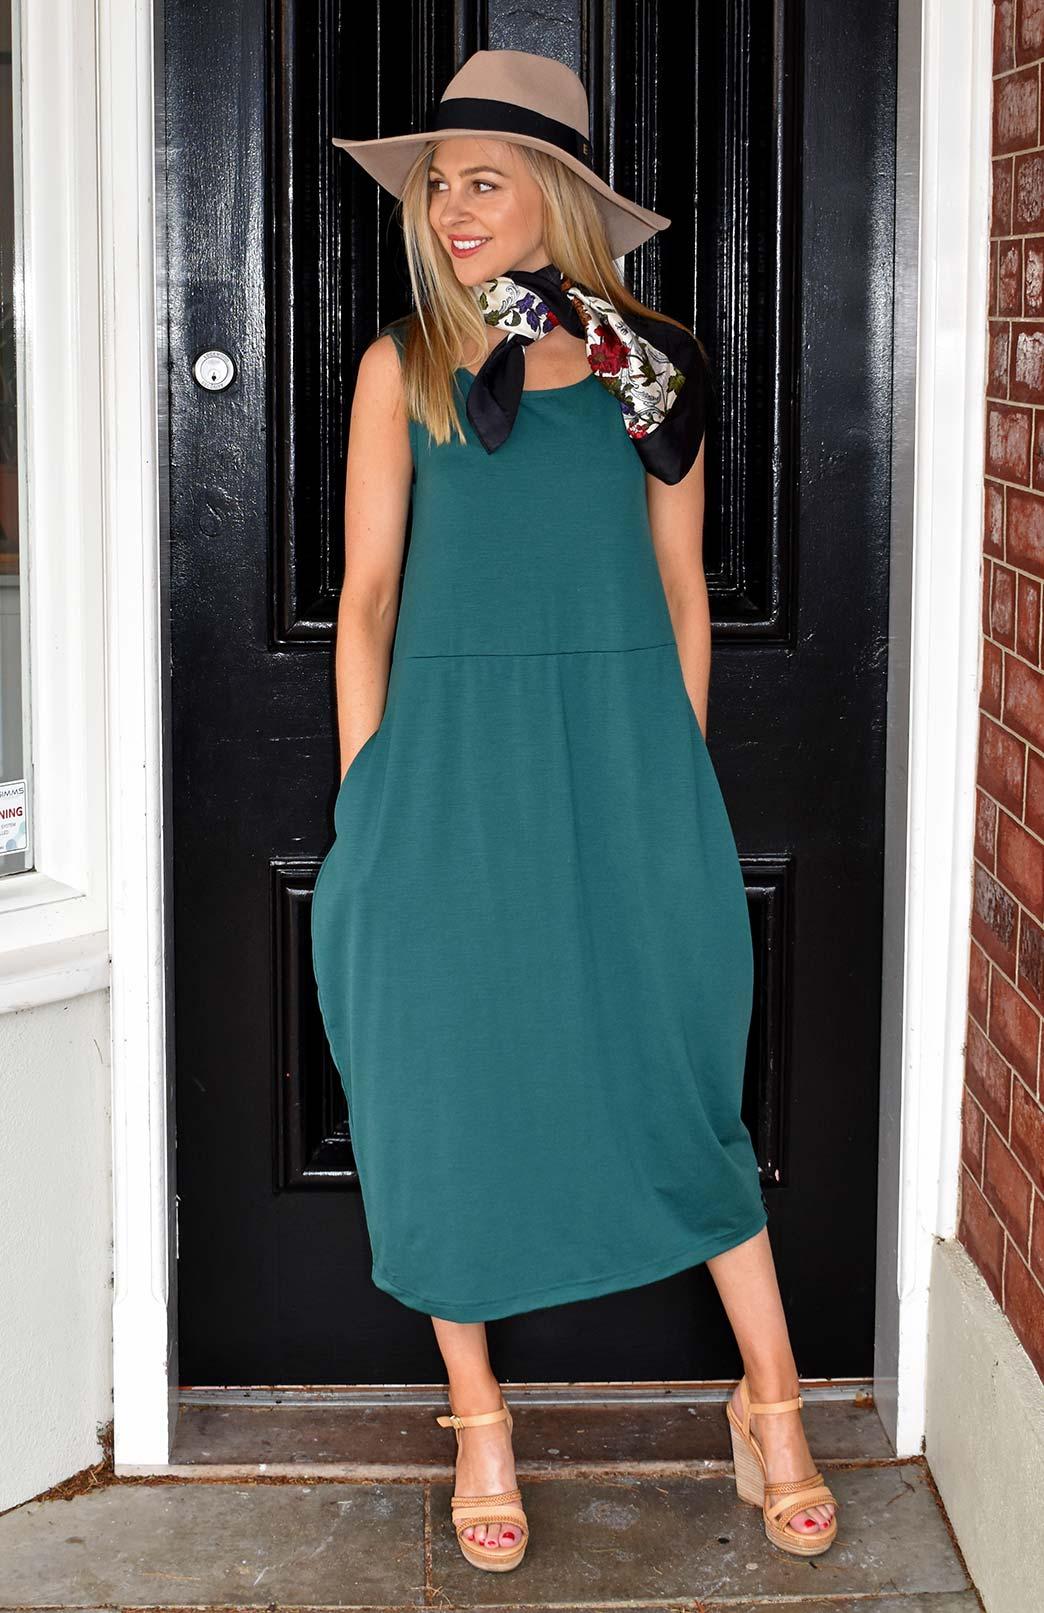 Rosie Dress - Women's Merino Wool Emerald Green Sleeveless Dress with Curvy Skirt and Pockets - Smitten Merino Tasmania Australia